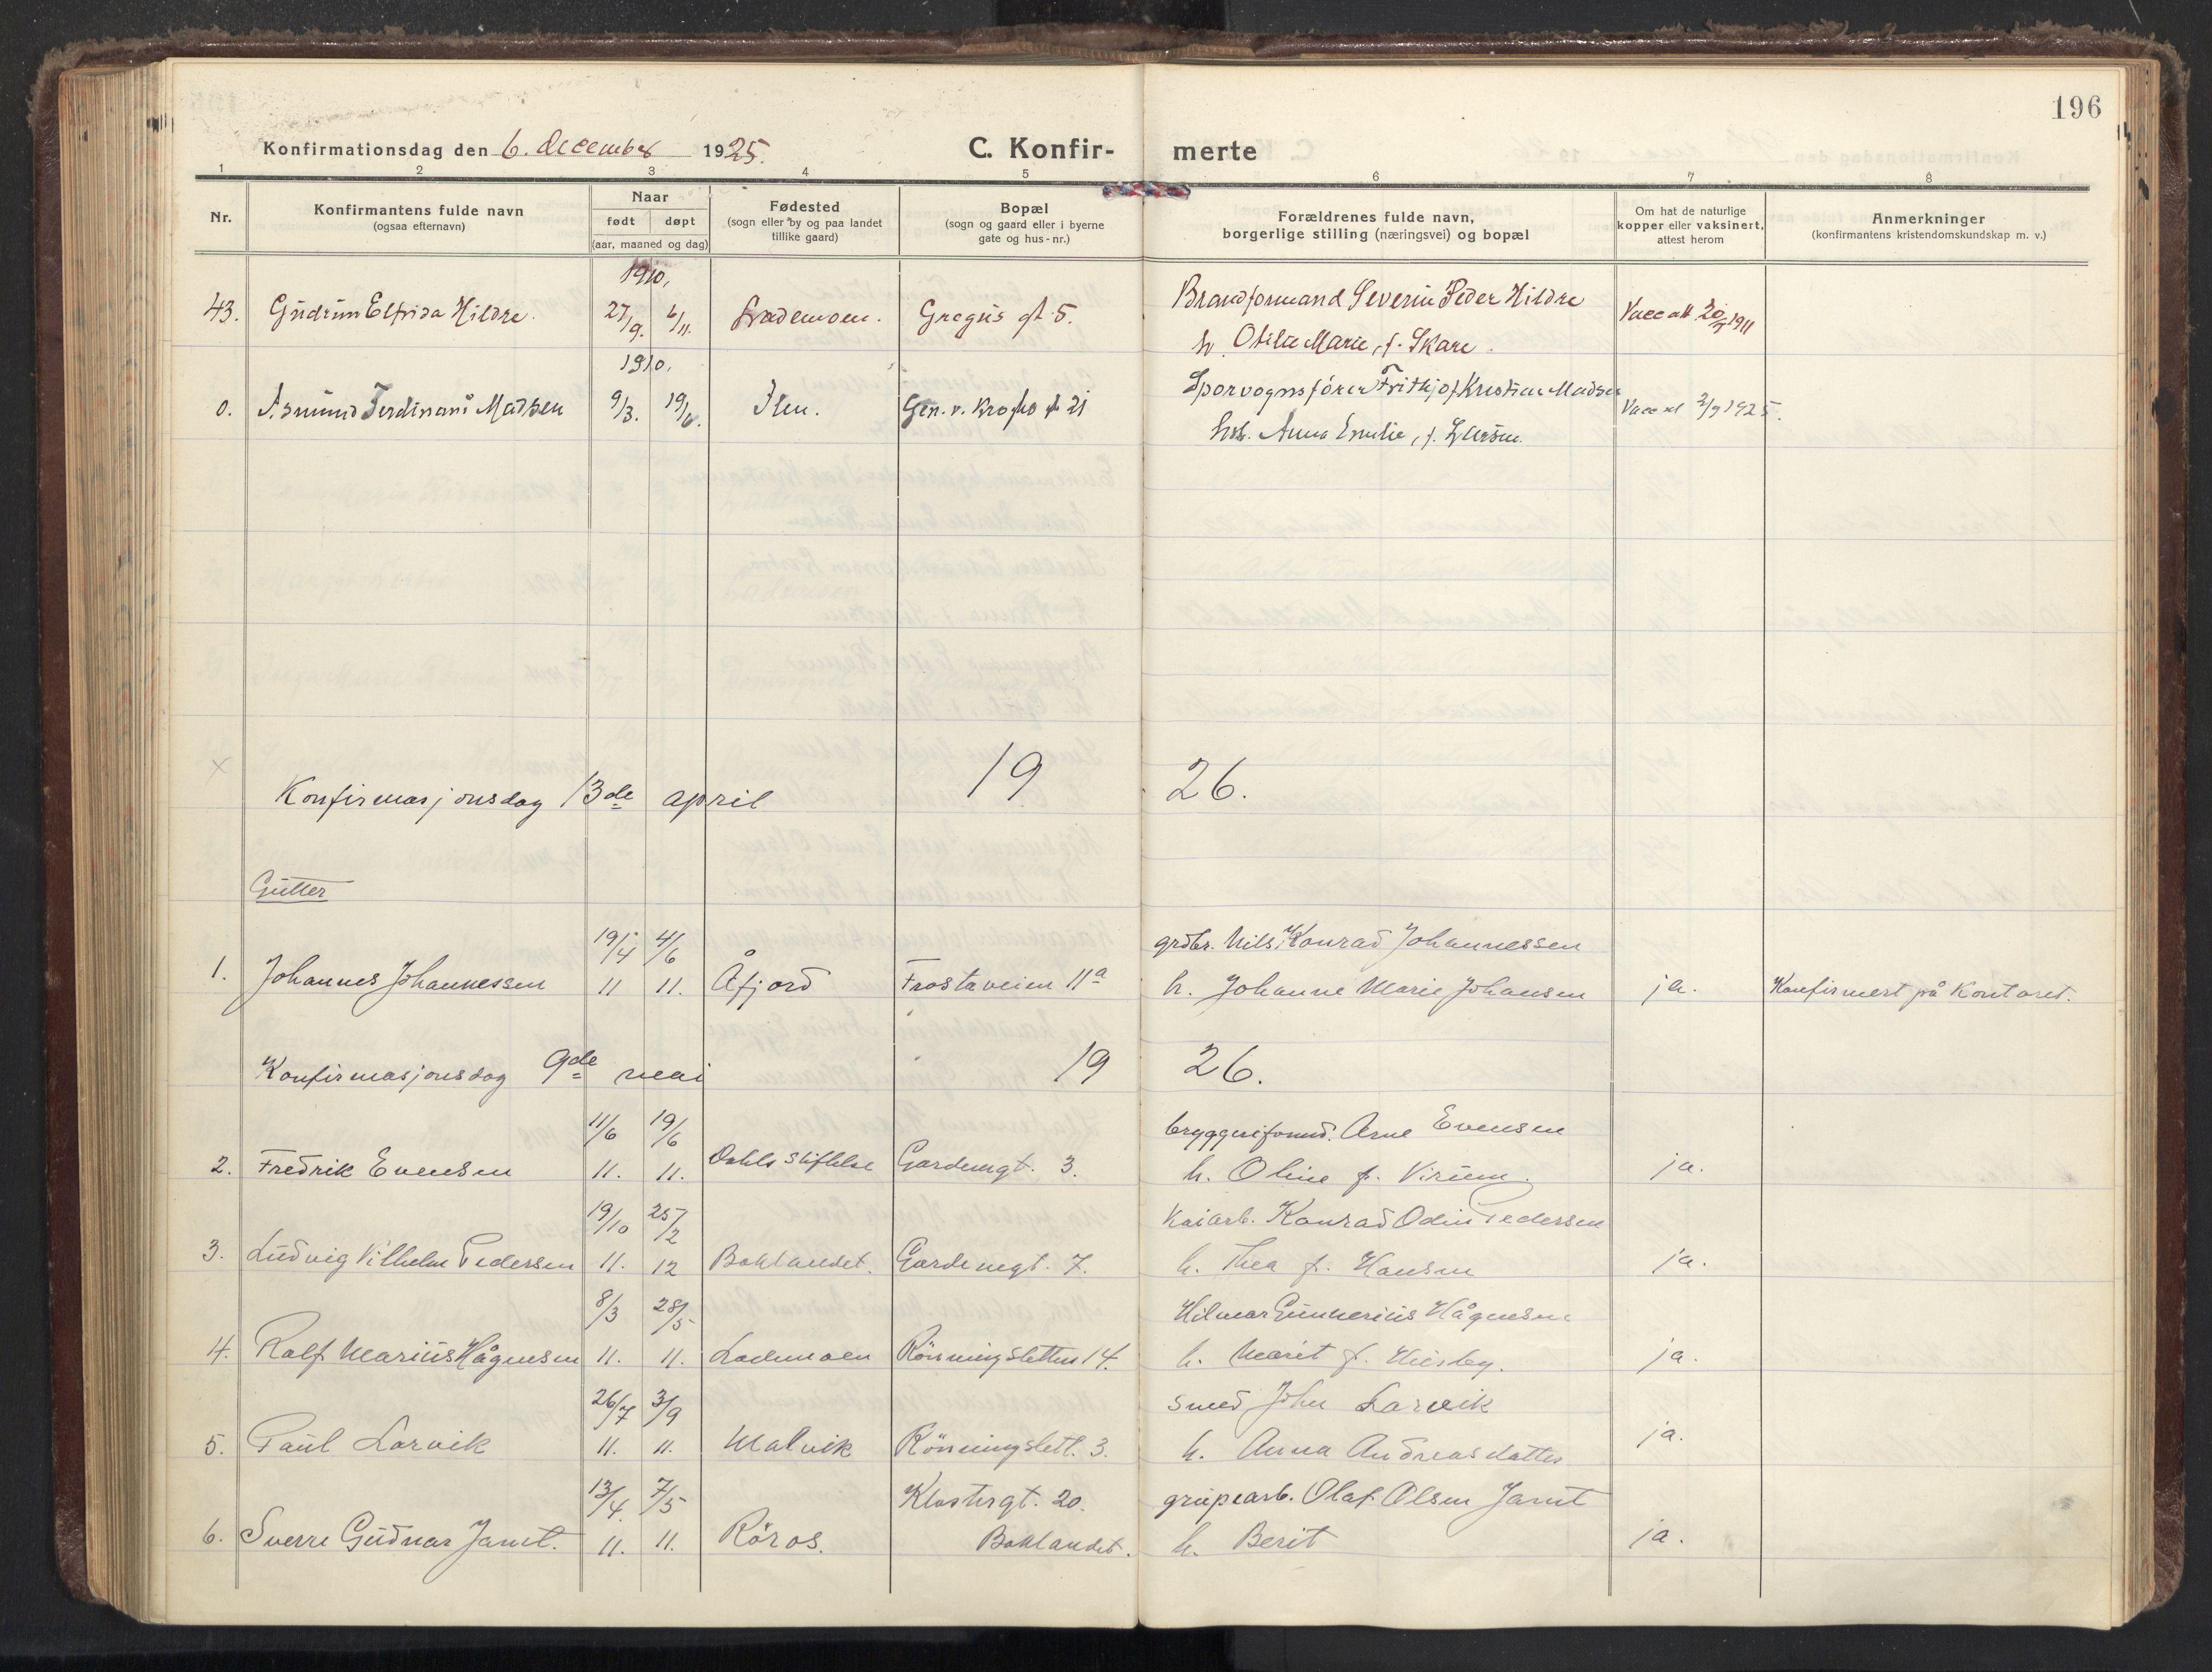 SAT, Ministerialprotokoller, klokkerbøker og fødselsregistre - Sør-Trøndelag, 605/L0247: Ministerialbok nr. 605A09, 1918-1930, s. 196